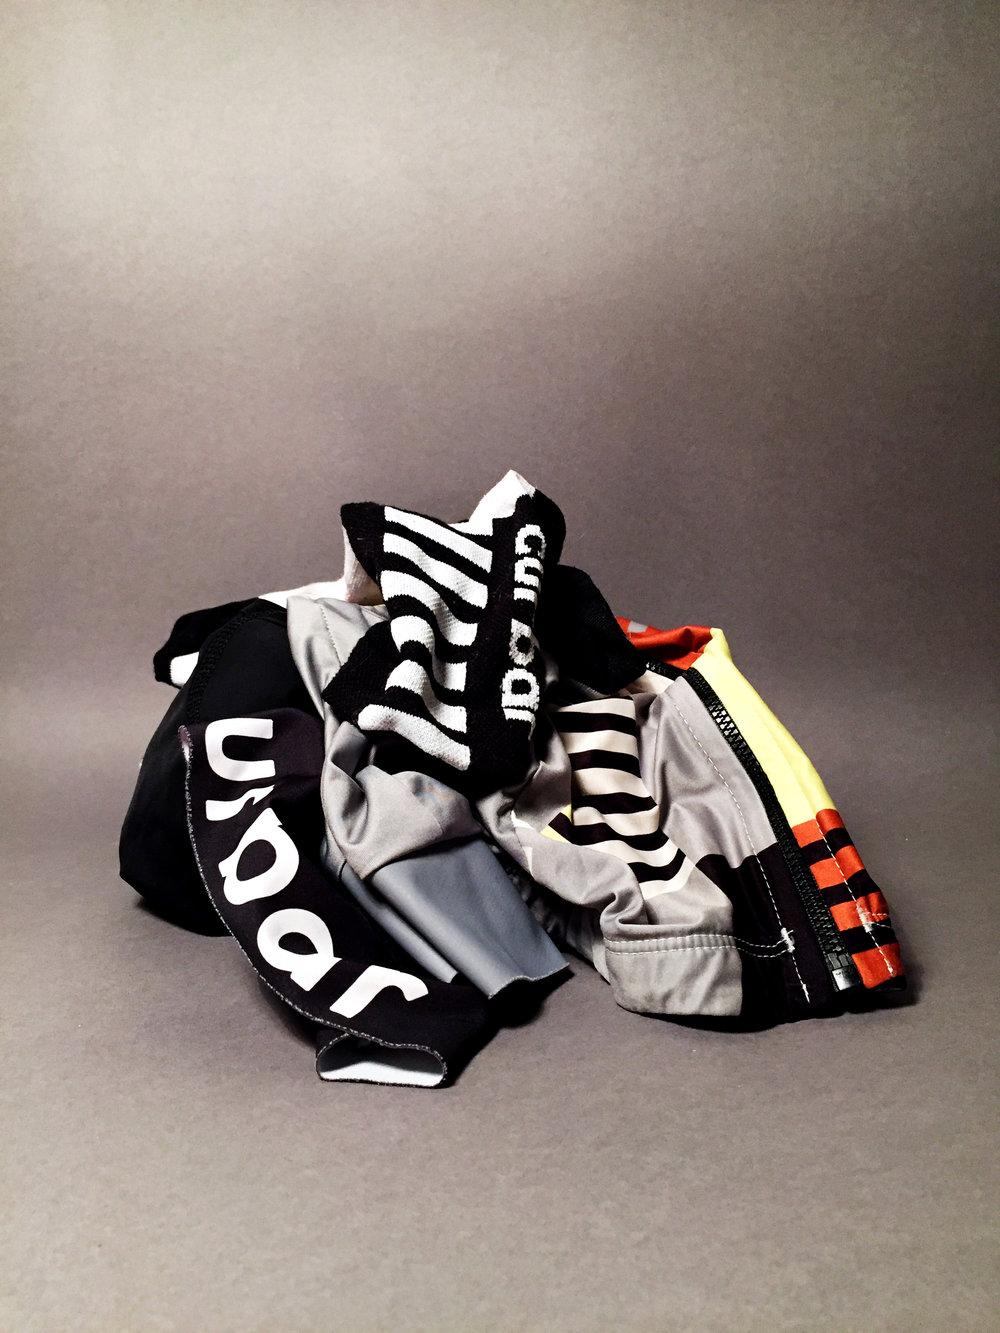 ss comb jersey, classic bib tights, comb socks